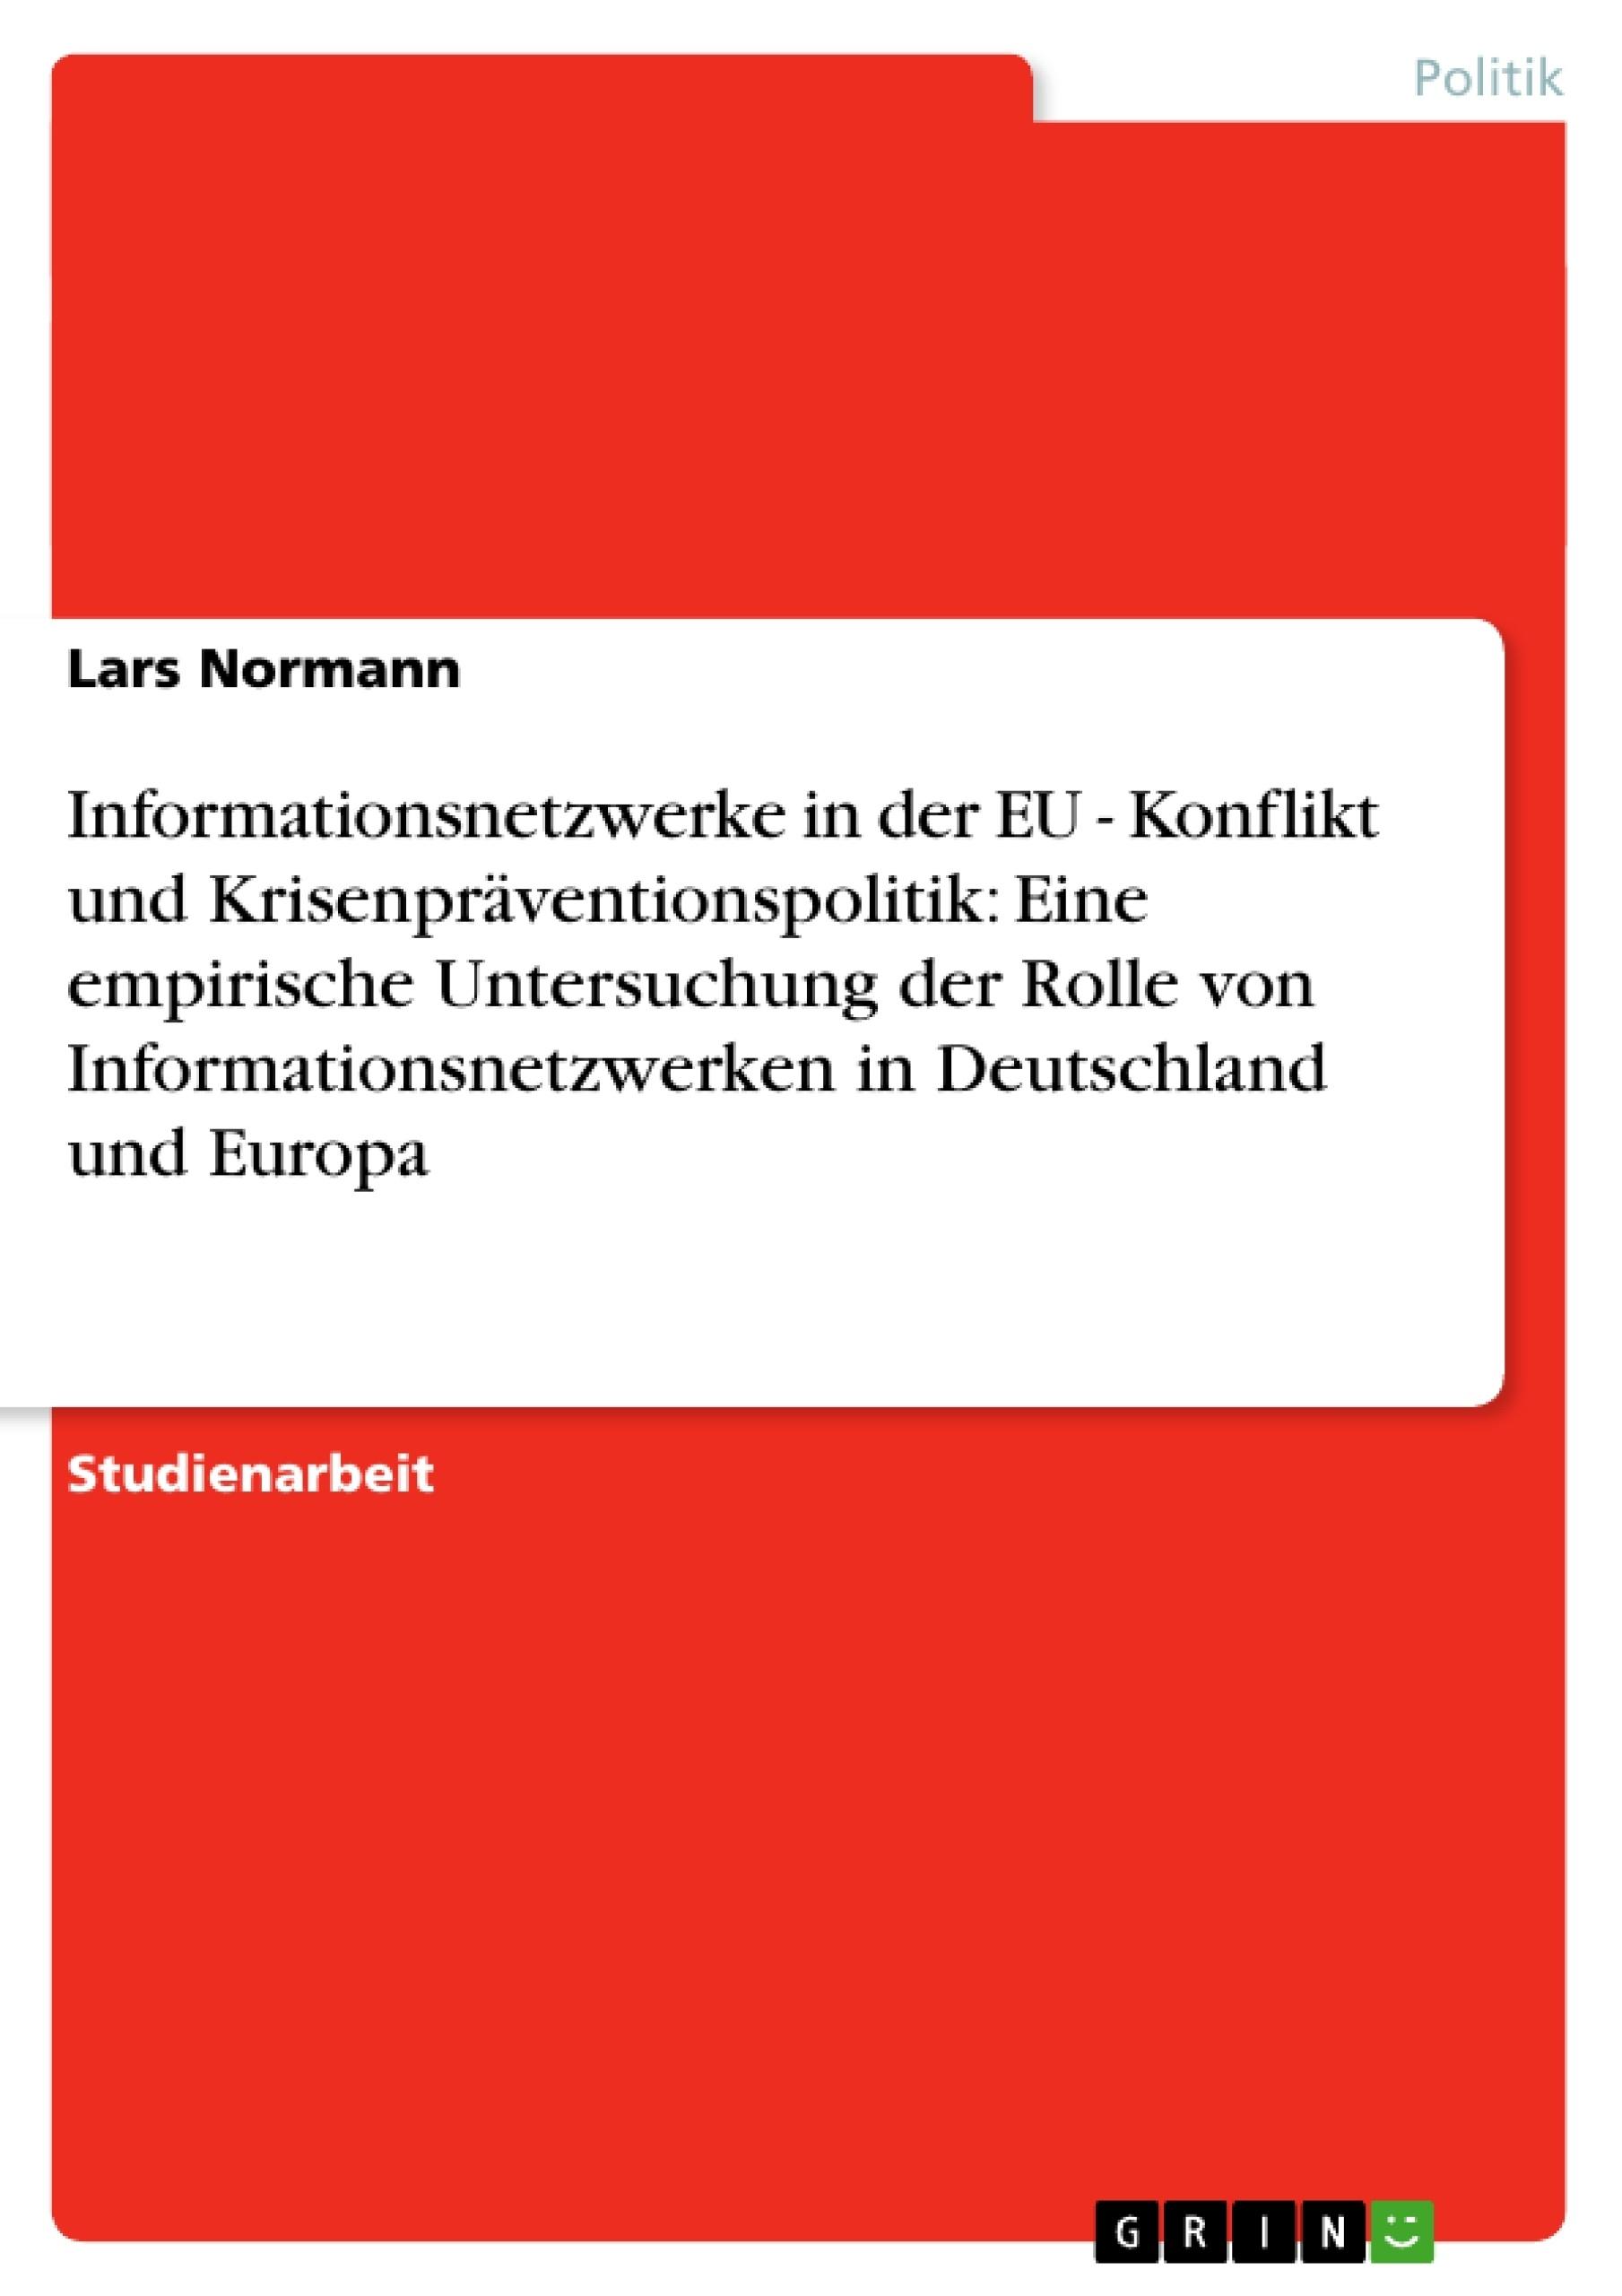 Titel: Informationsnetzwerke in der EU - Konflikt und Krisenpräventionspolitik: Eine empirische Untersuchung der Rolle von Informationsnetzwerken in Deutschland und Europa